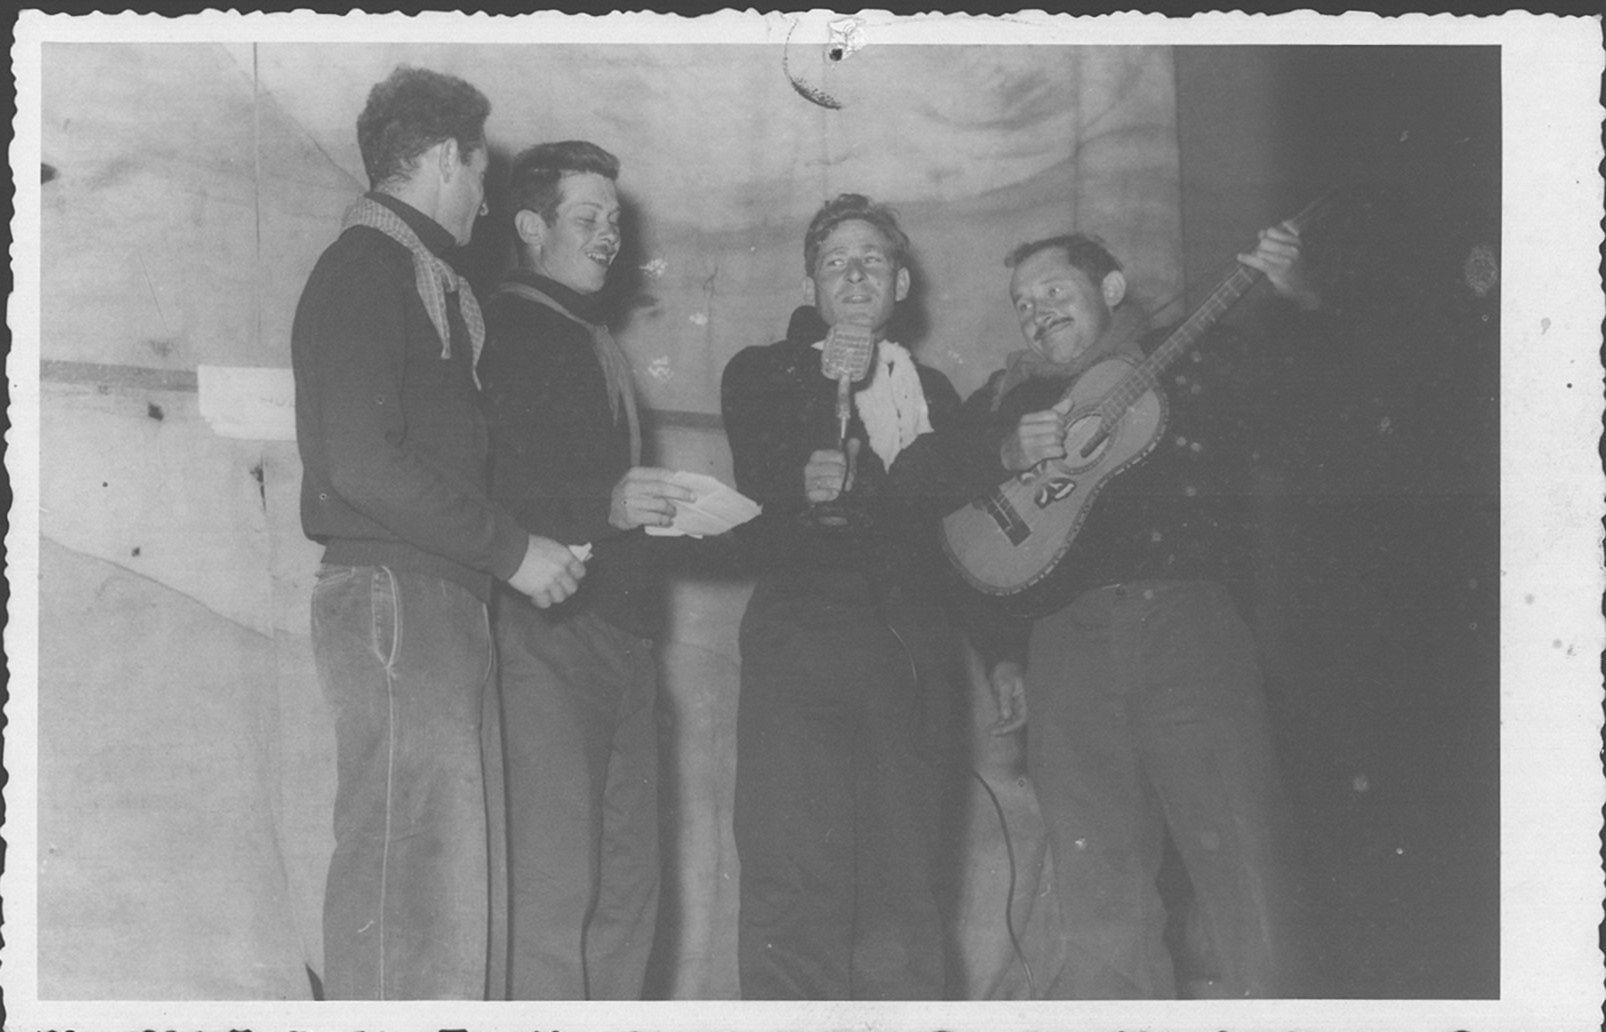 1957 שימיק שלוי, בם המר, יונתן צור, נחום תמיר